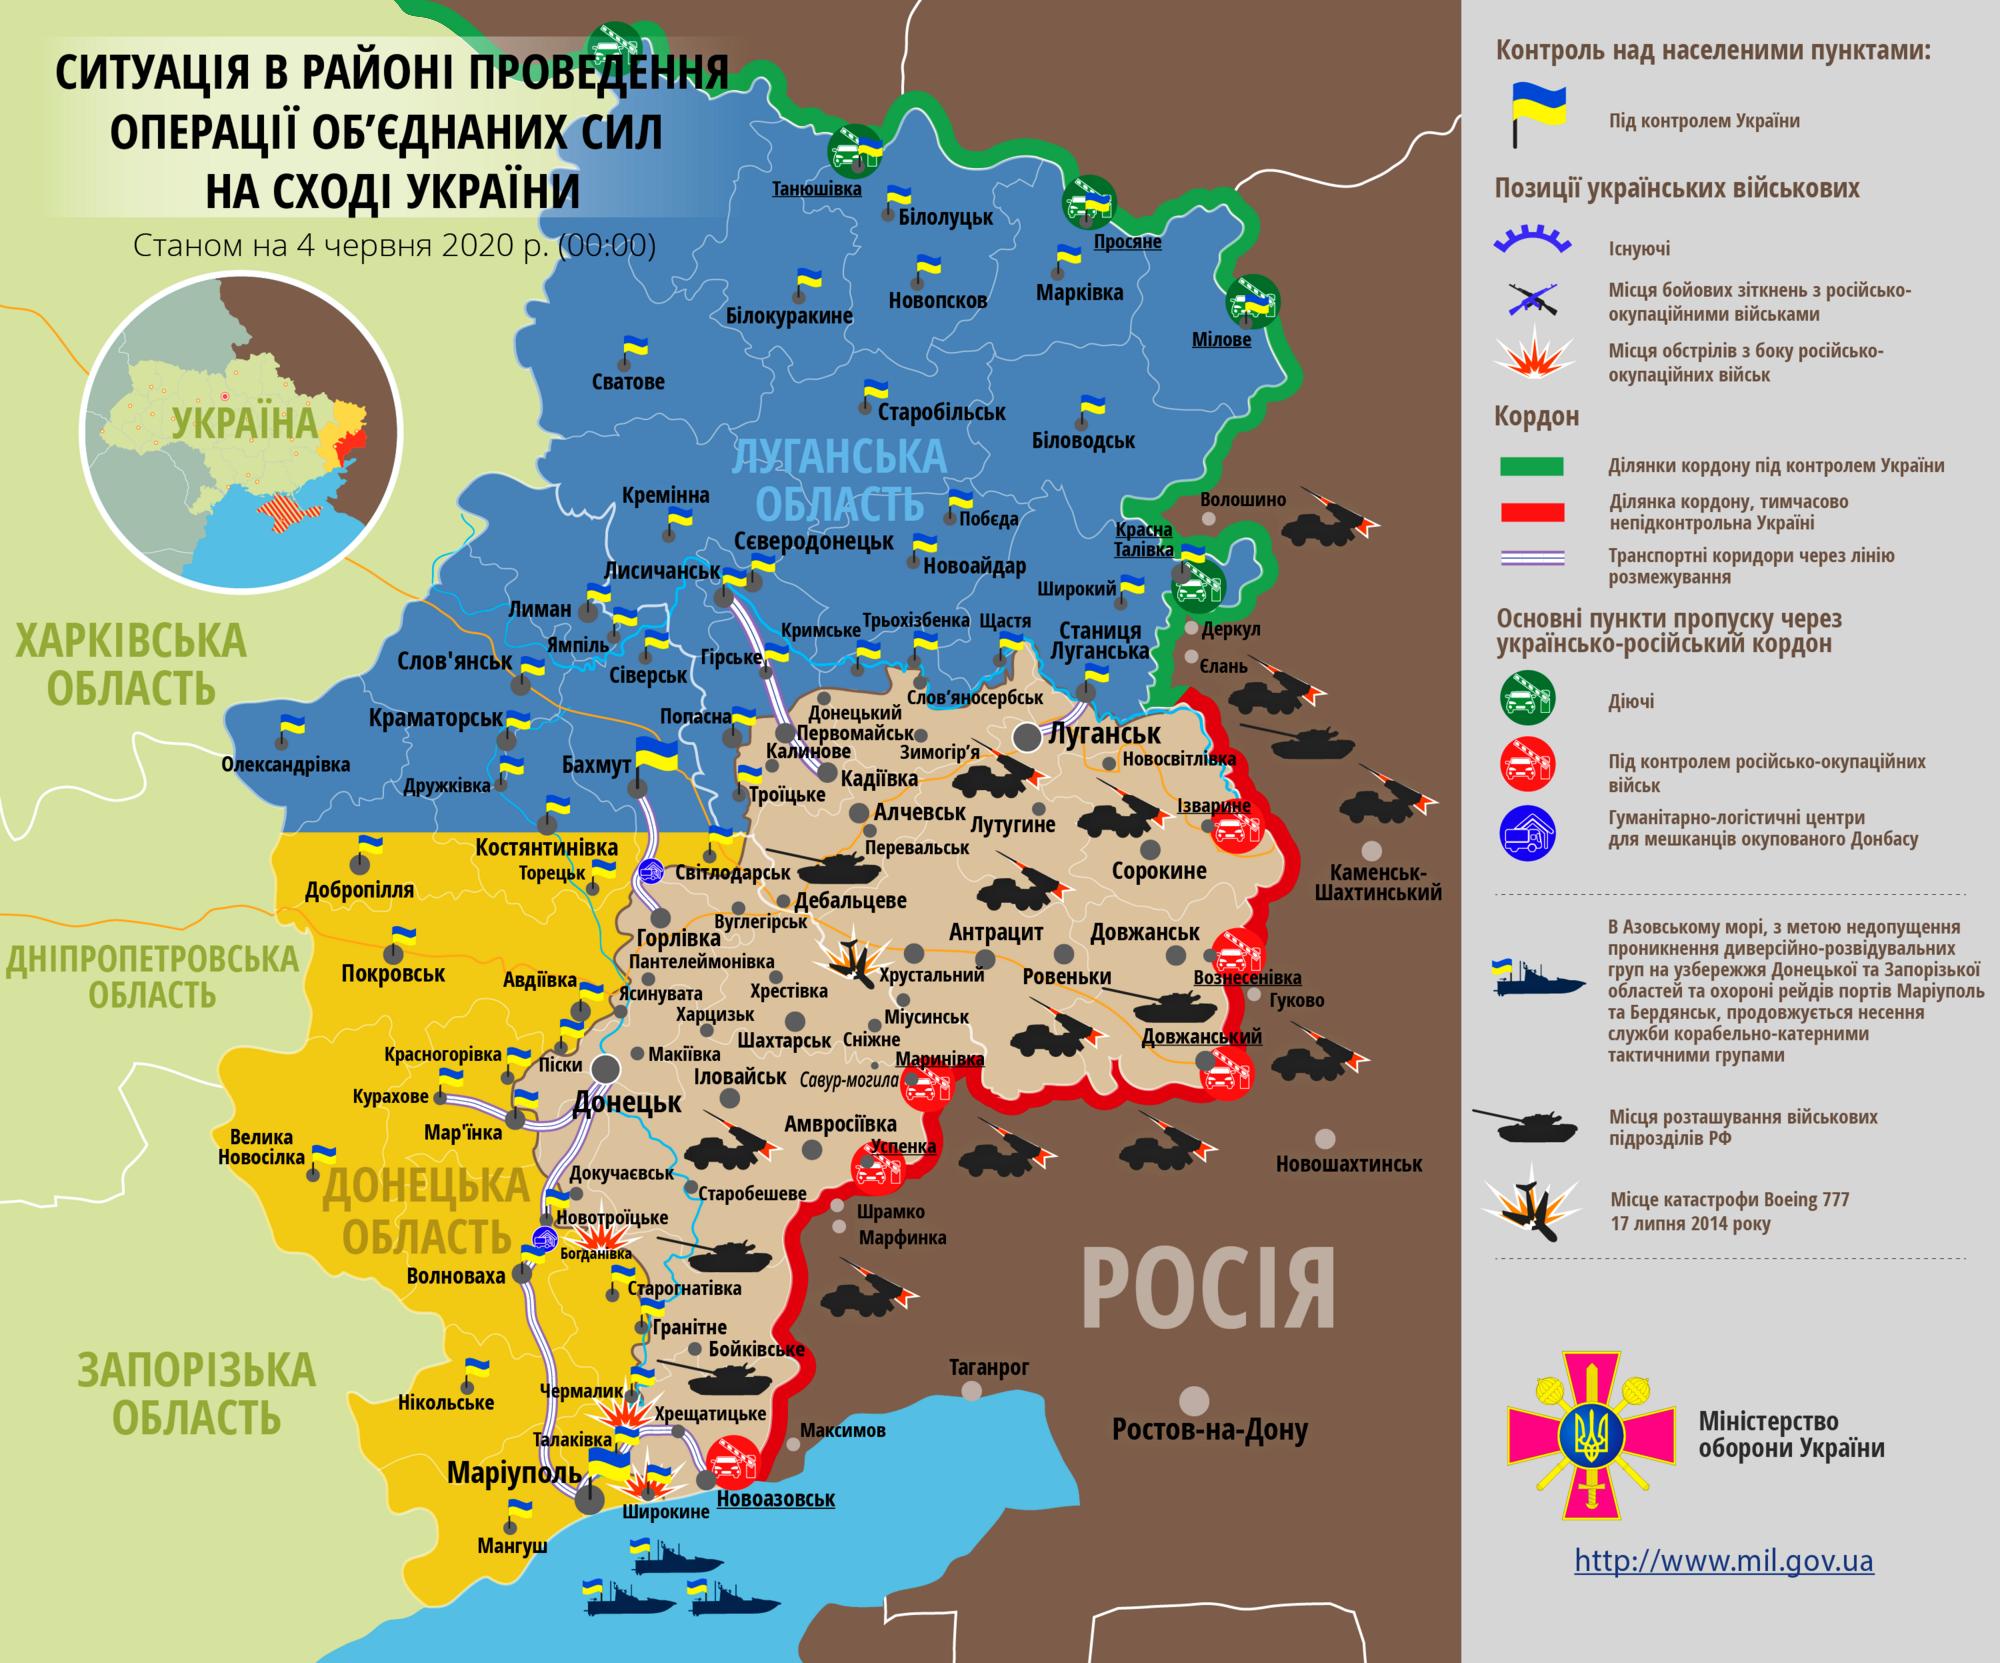 Ситуація в зоні проведення ООС на Донбасі 4 червня